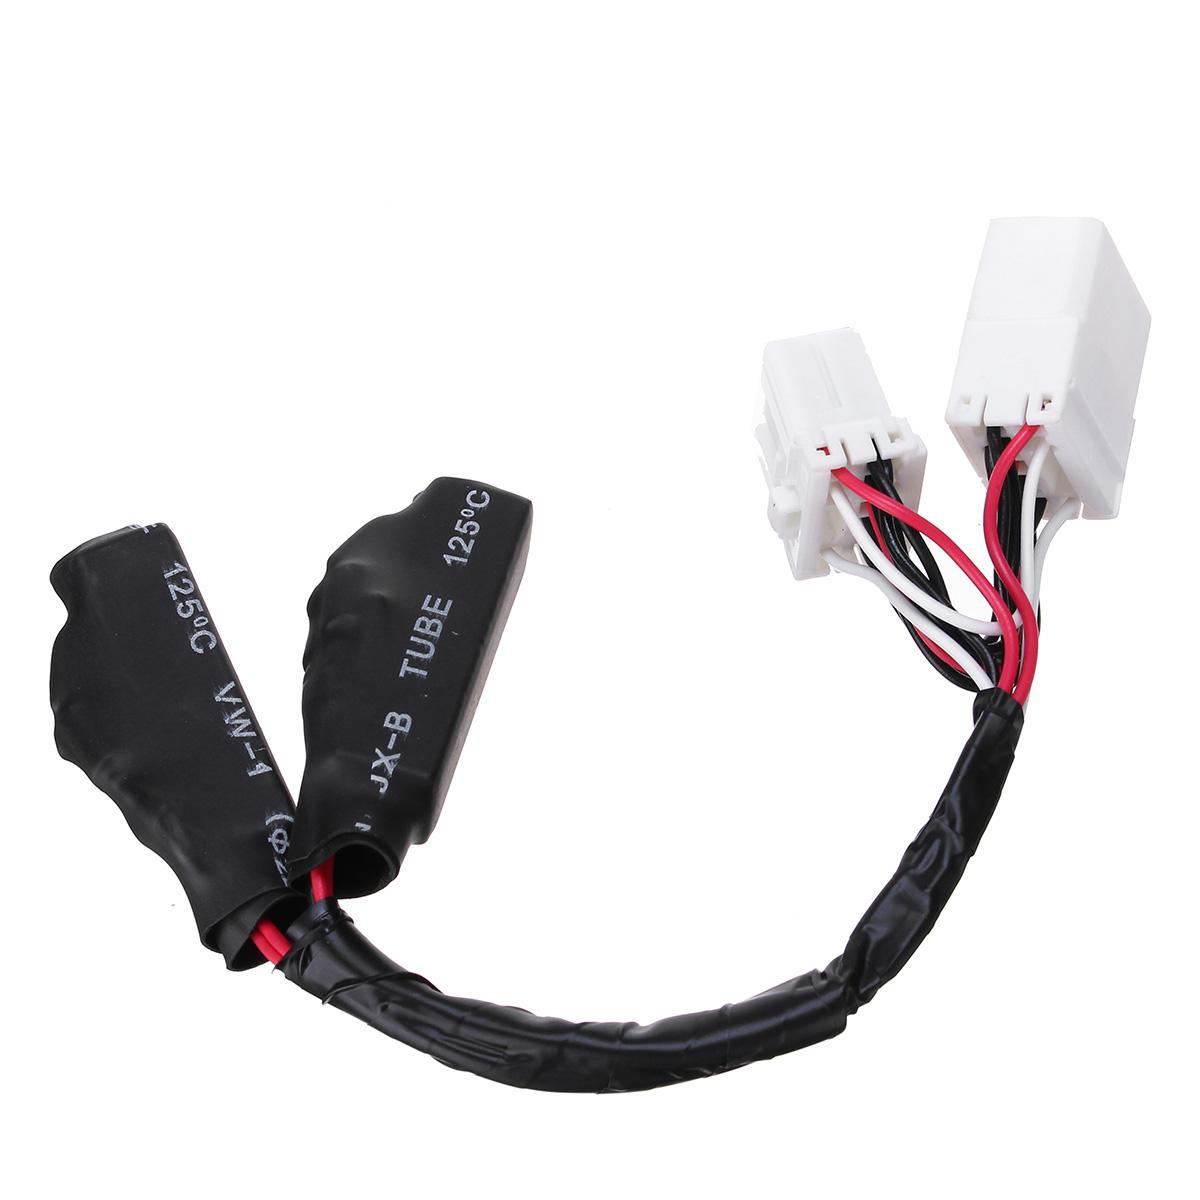 For Equalizer Harley Dynas Led Load Blinker Turn Signal Lights Resistor Plug